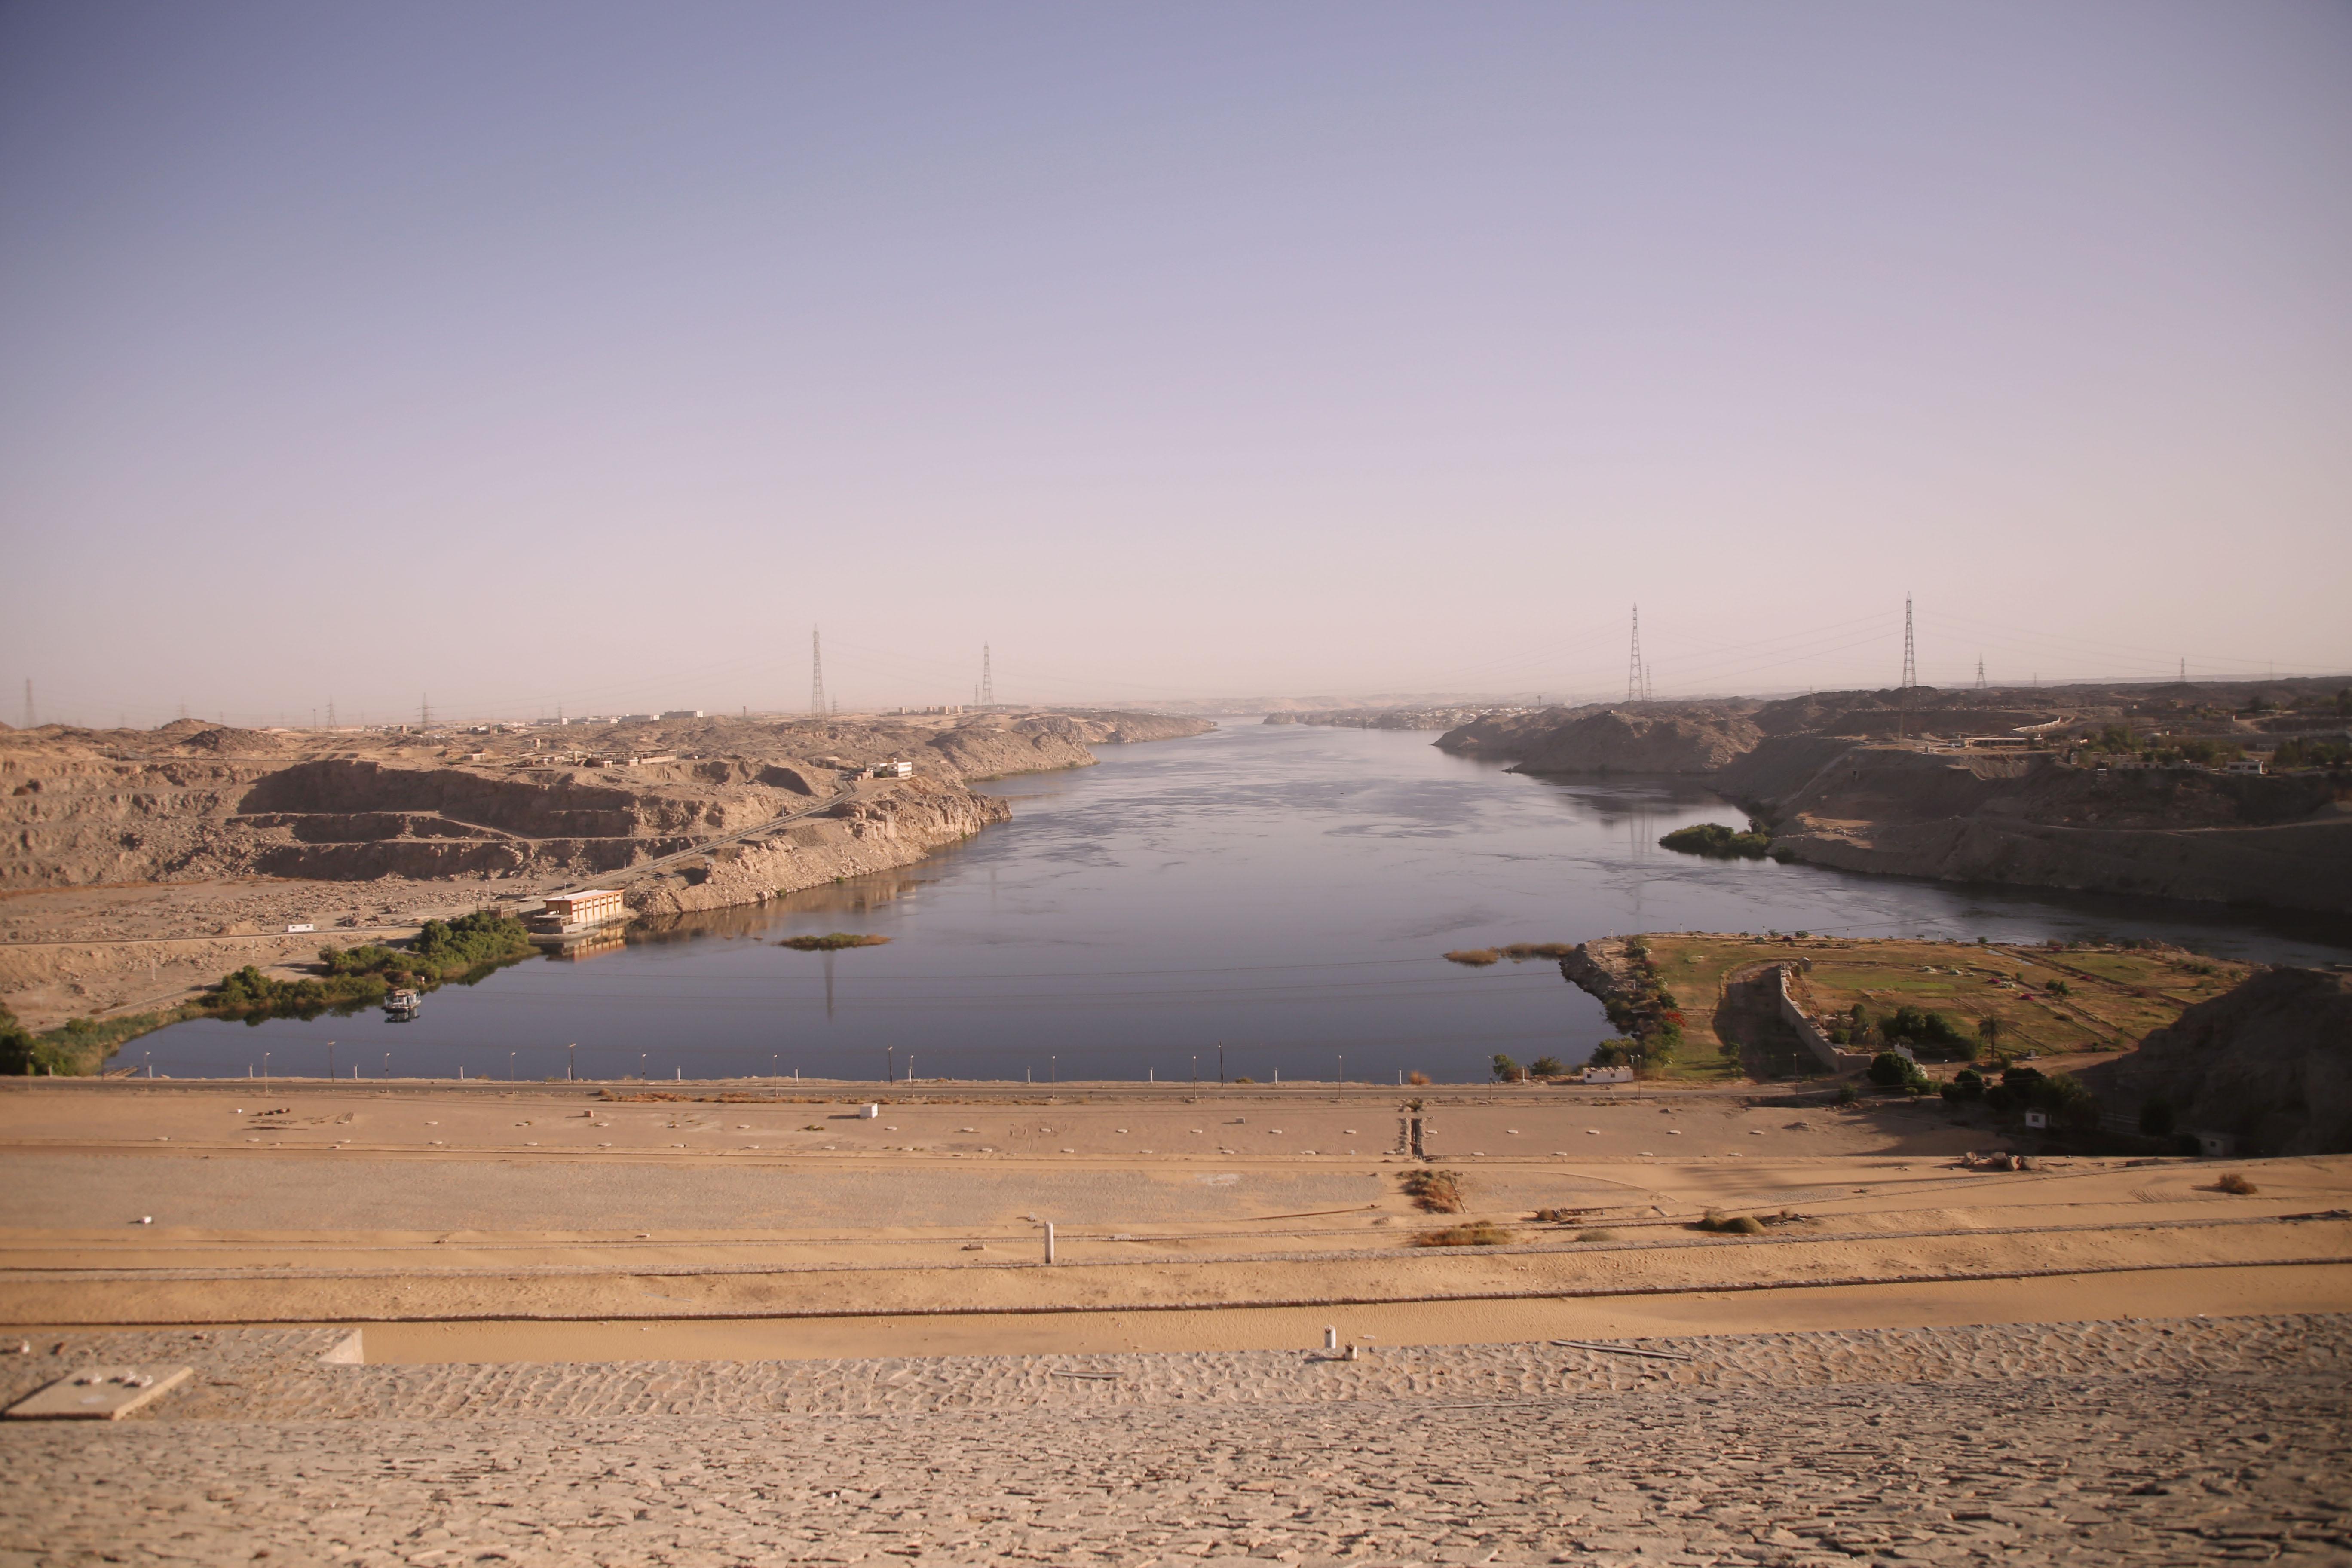 mia und ich blog Staudamm Assuan Ägypten Egypt